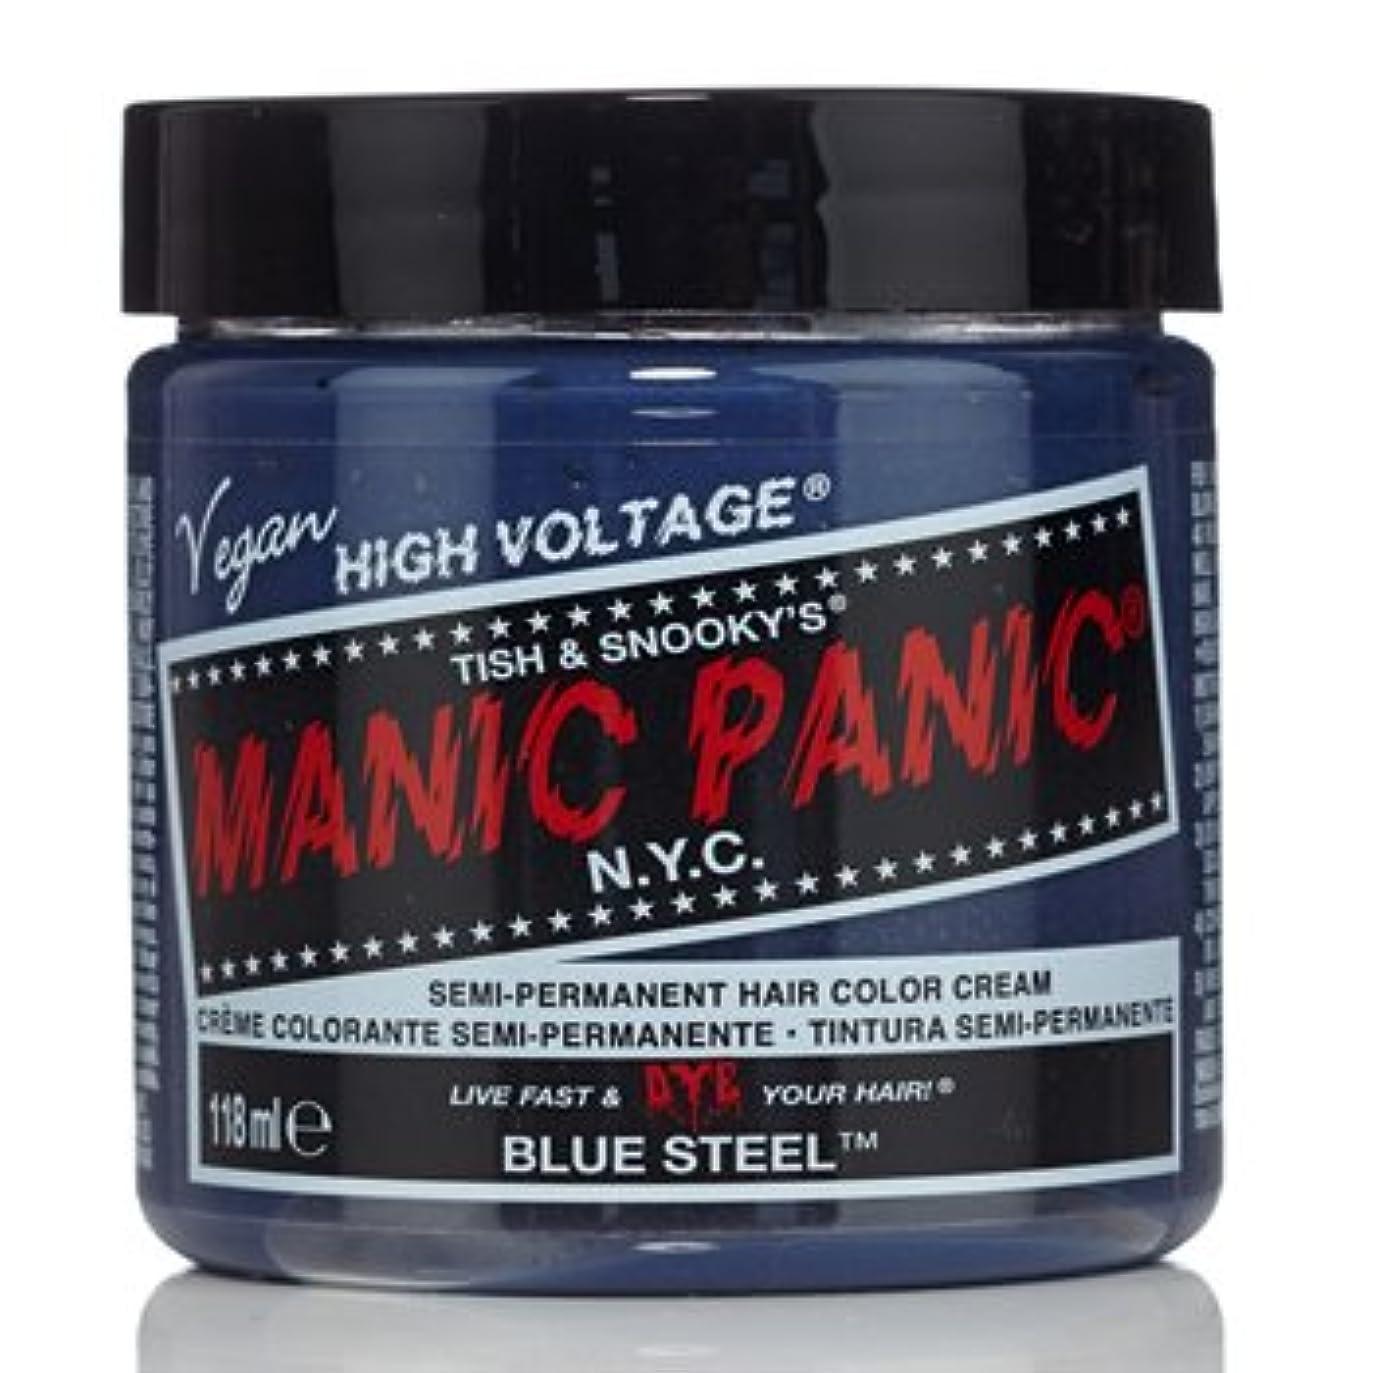 発生器傾向メイン【3個セット】MANIC PANIC マニックパニック ブルースティール MC11052 118ml